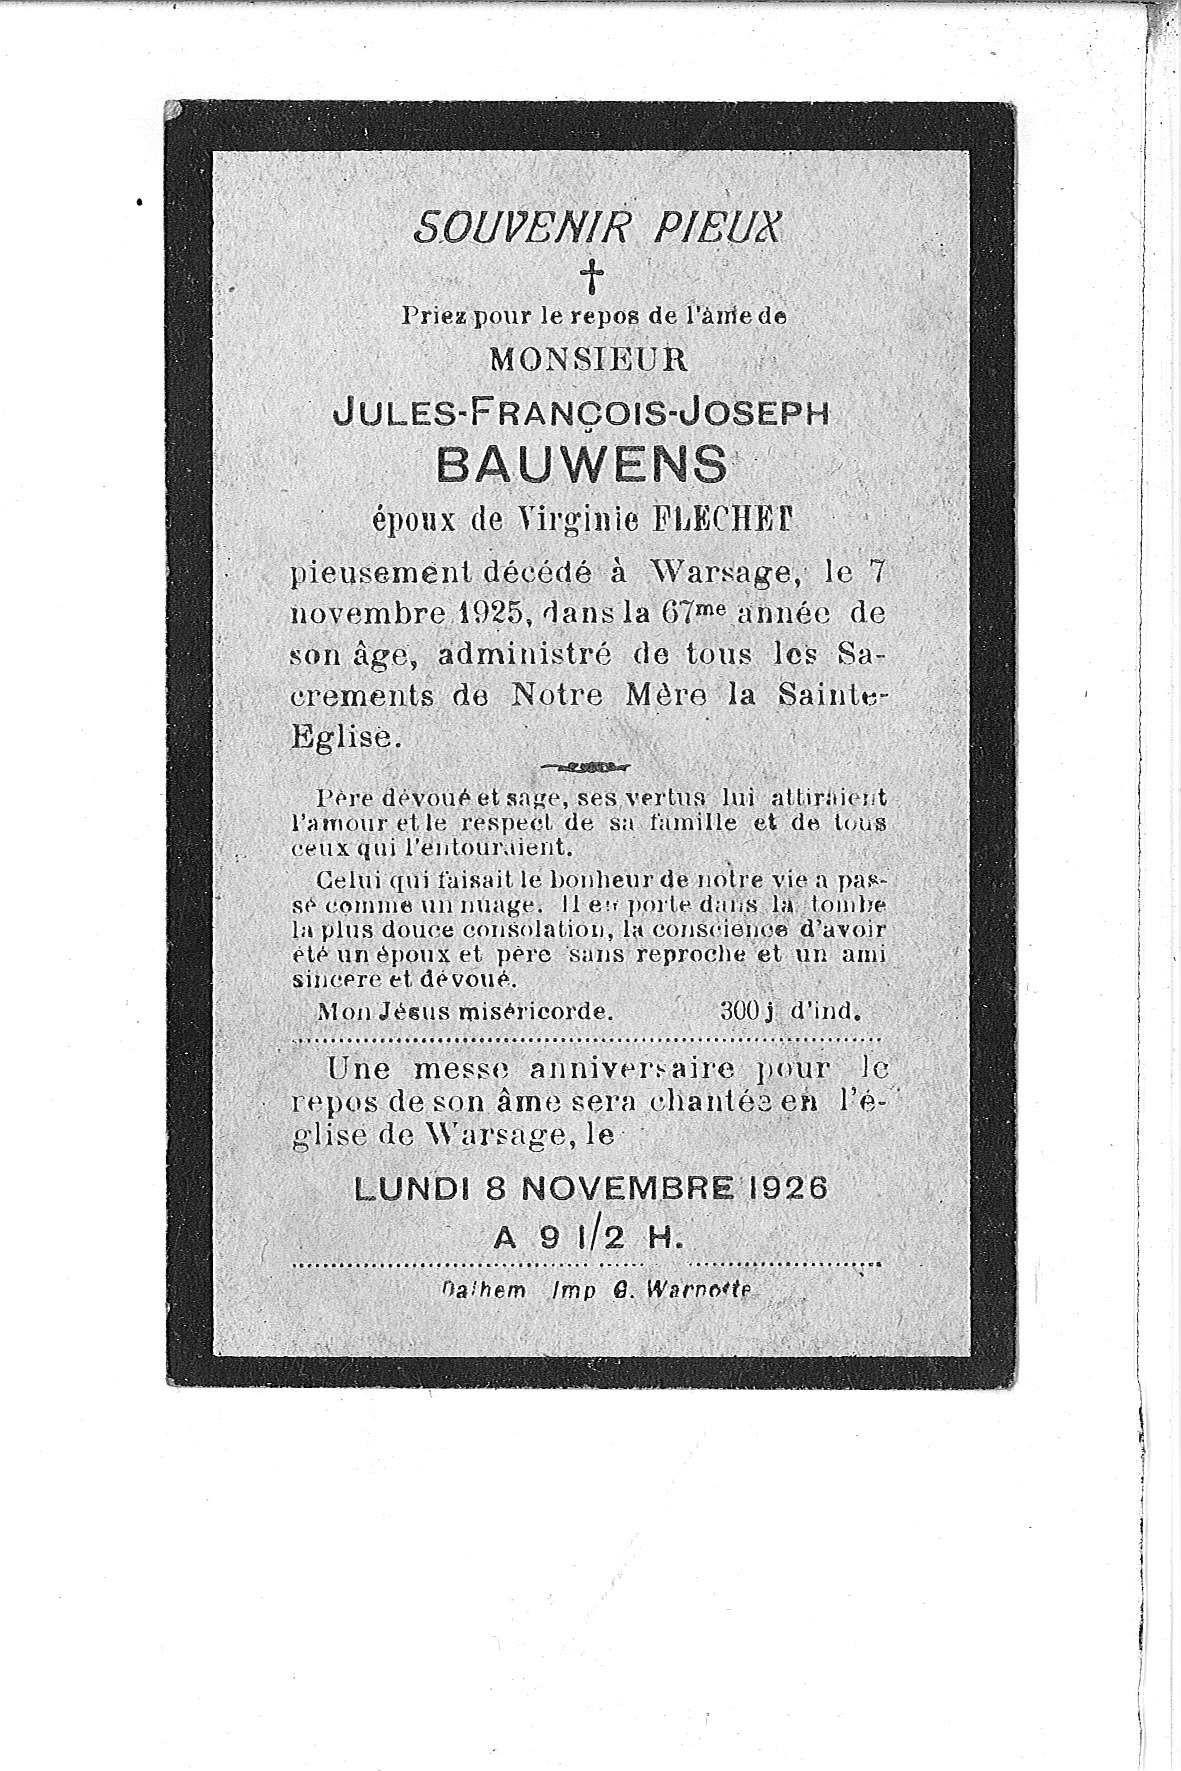 Jules-FrançoisJoseph(1925)20101026161718_00010.jpg